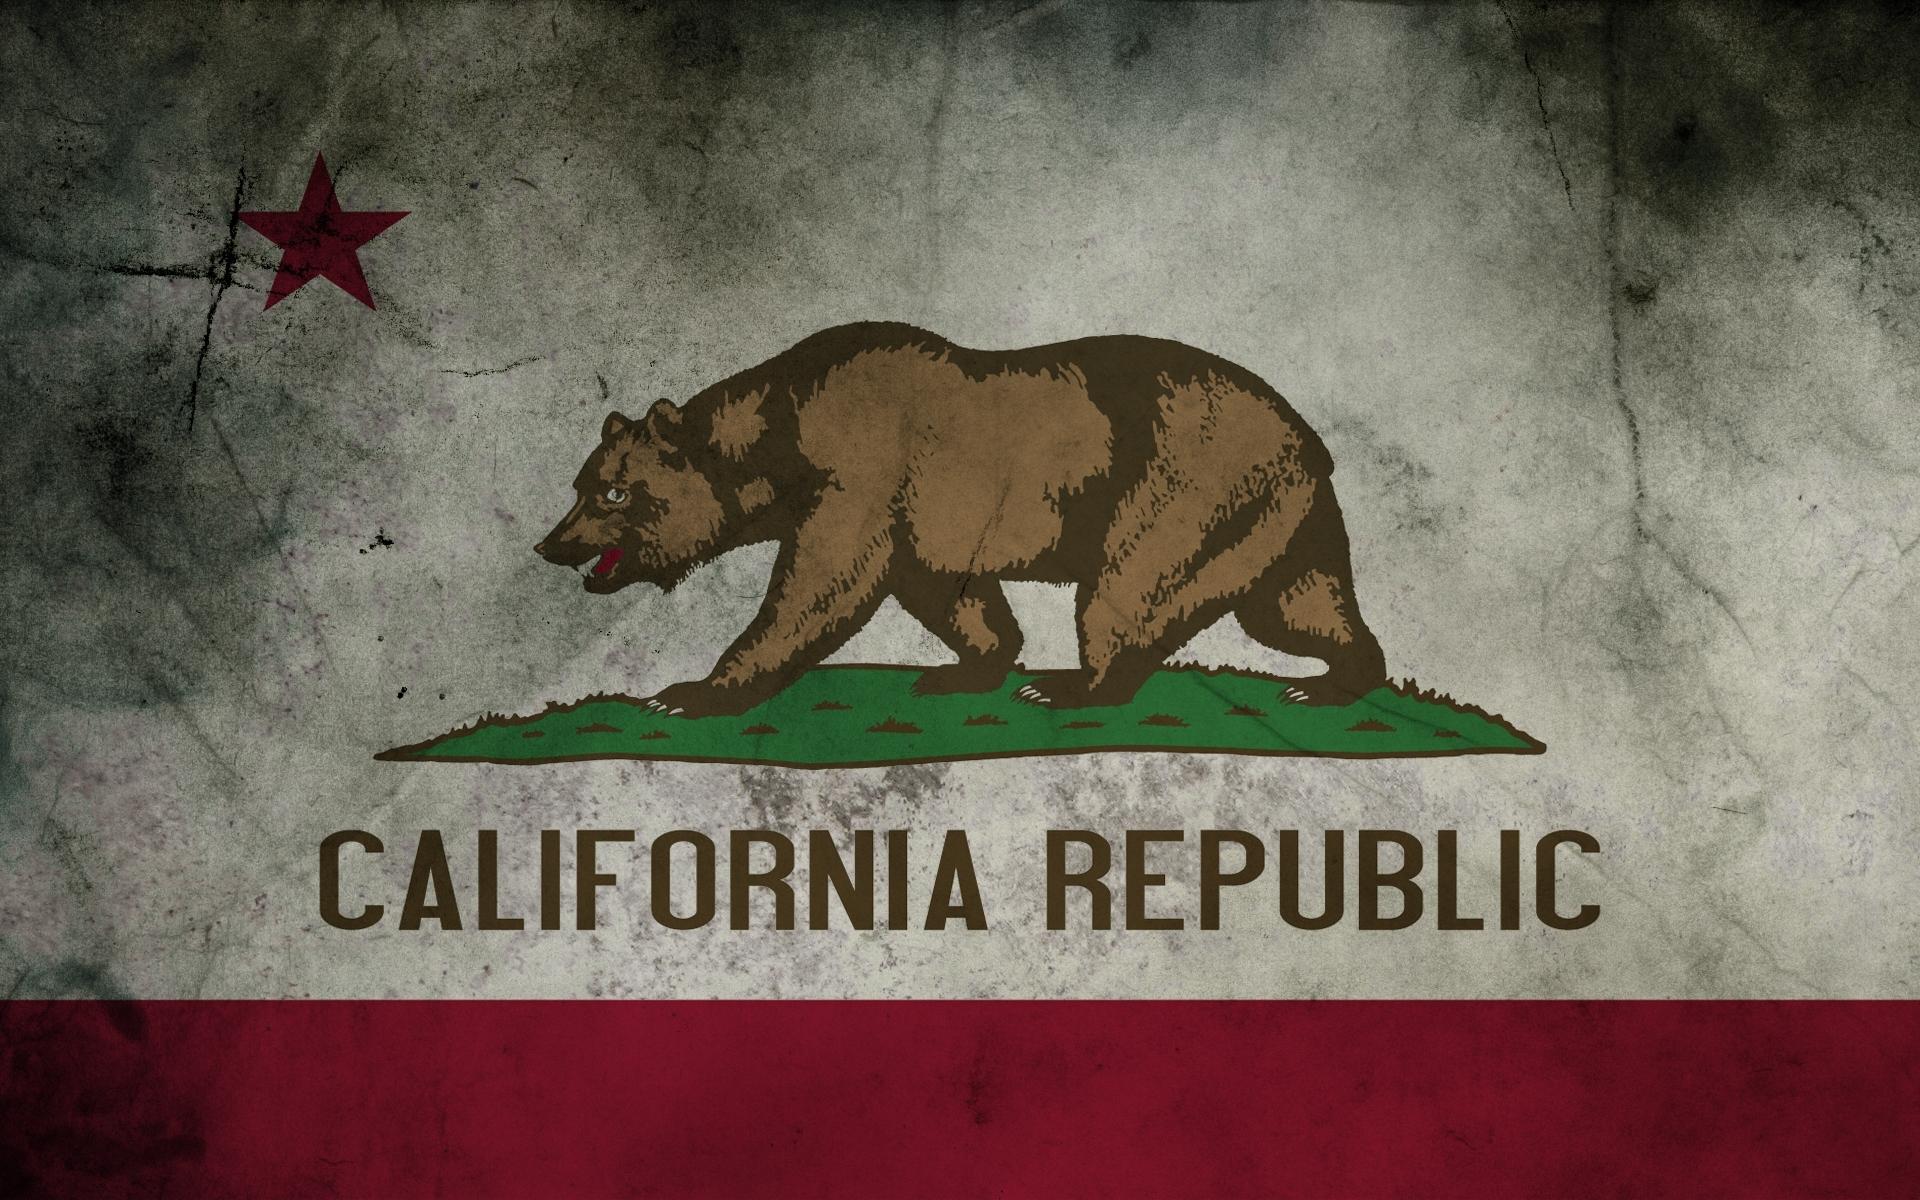 grunge flags california 1920x1200 wallpaper Art HD Wallpaper download 1920x1200